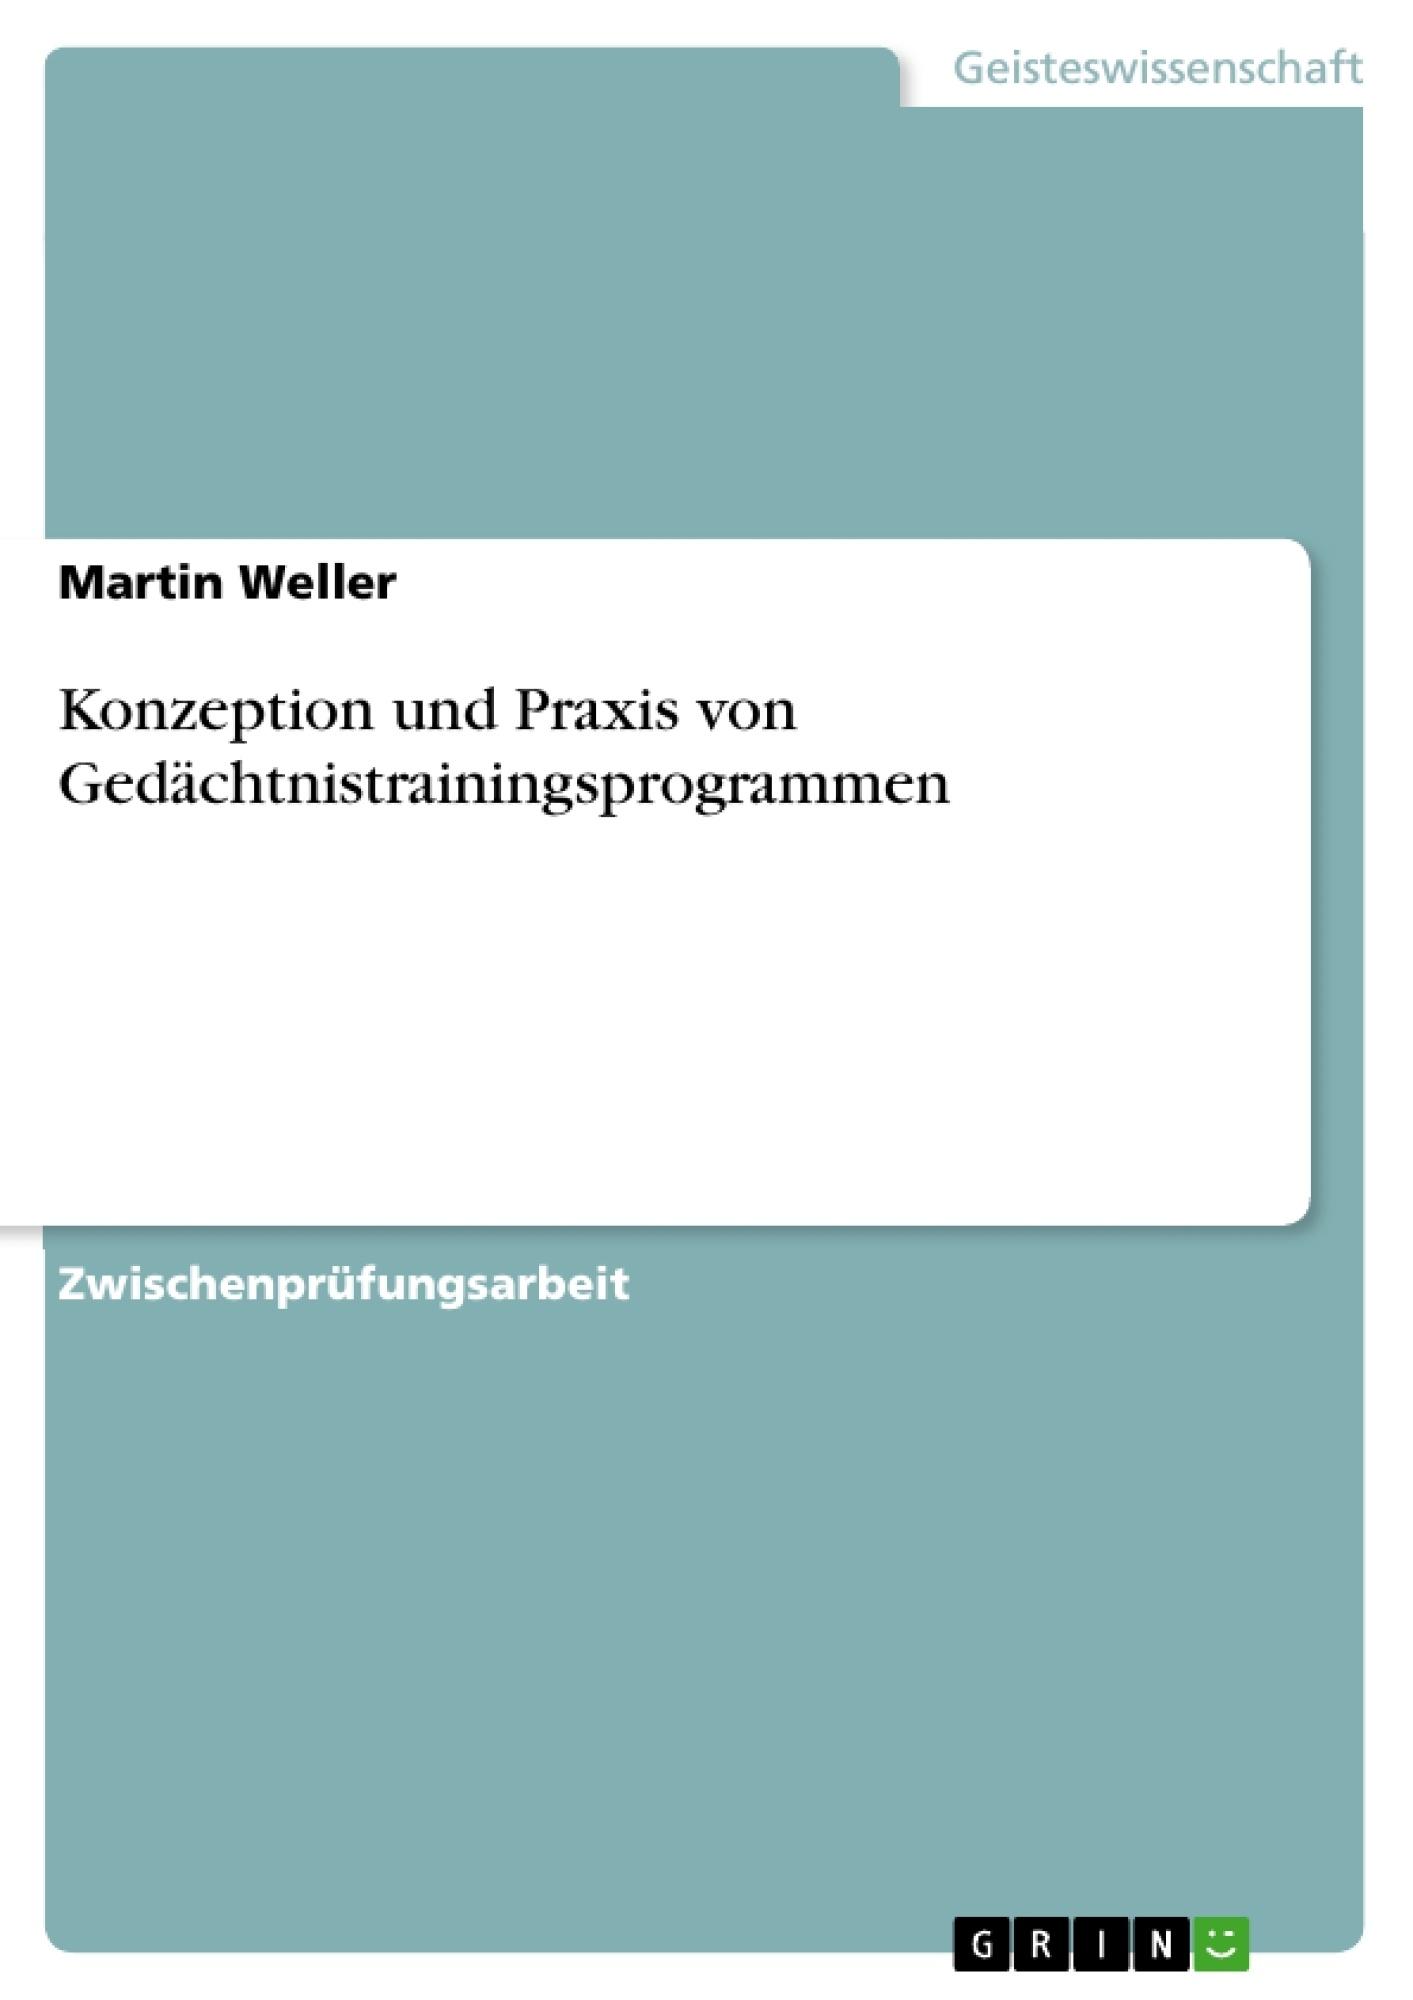 Titel: Konzeption und Praxis von Gedächtnistrainingsprogrammen